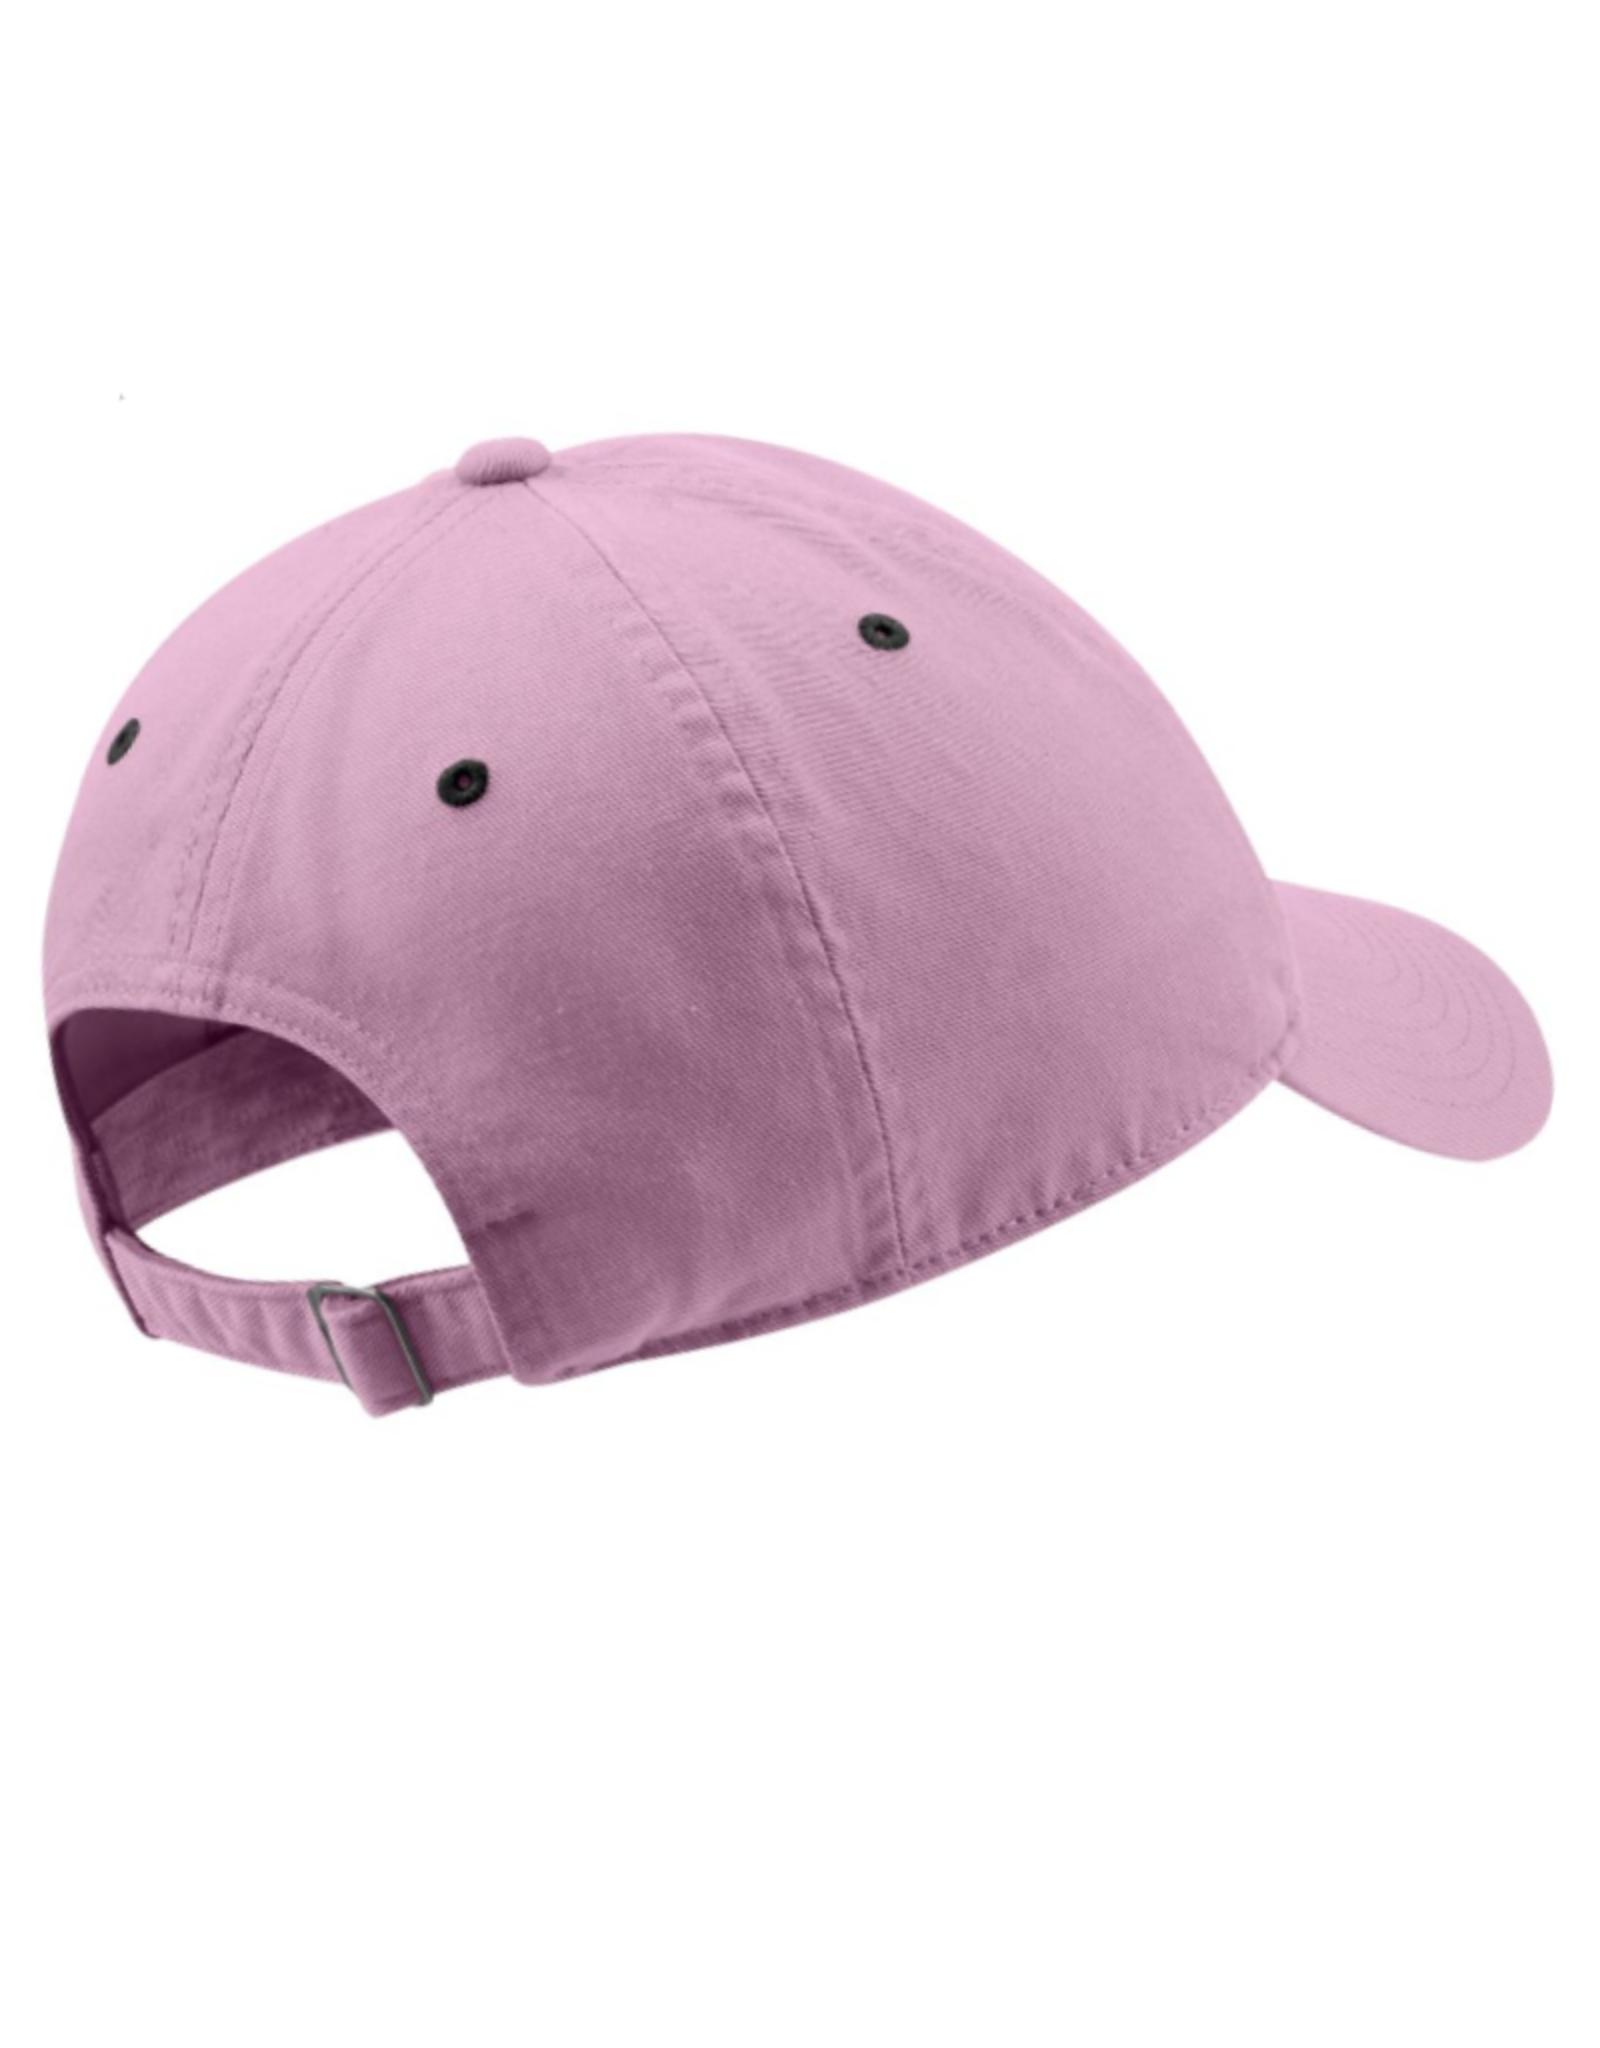 Nike Adult Heritage 86 Washed Adjustable Hat Pink